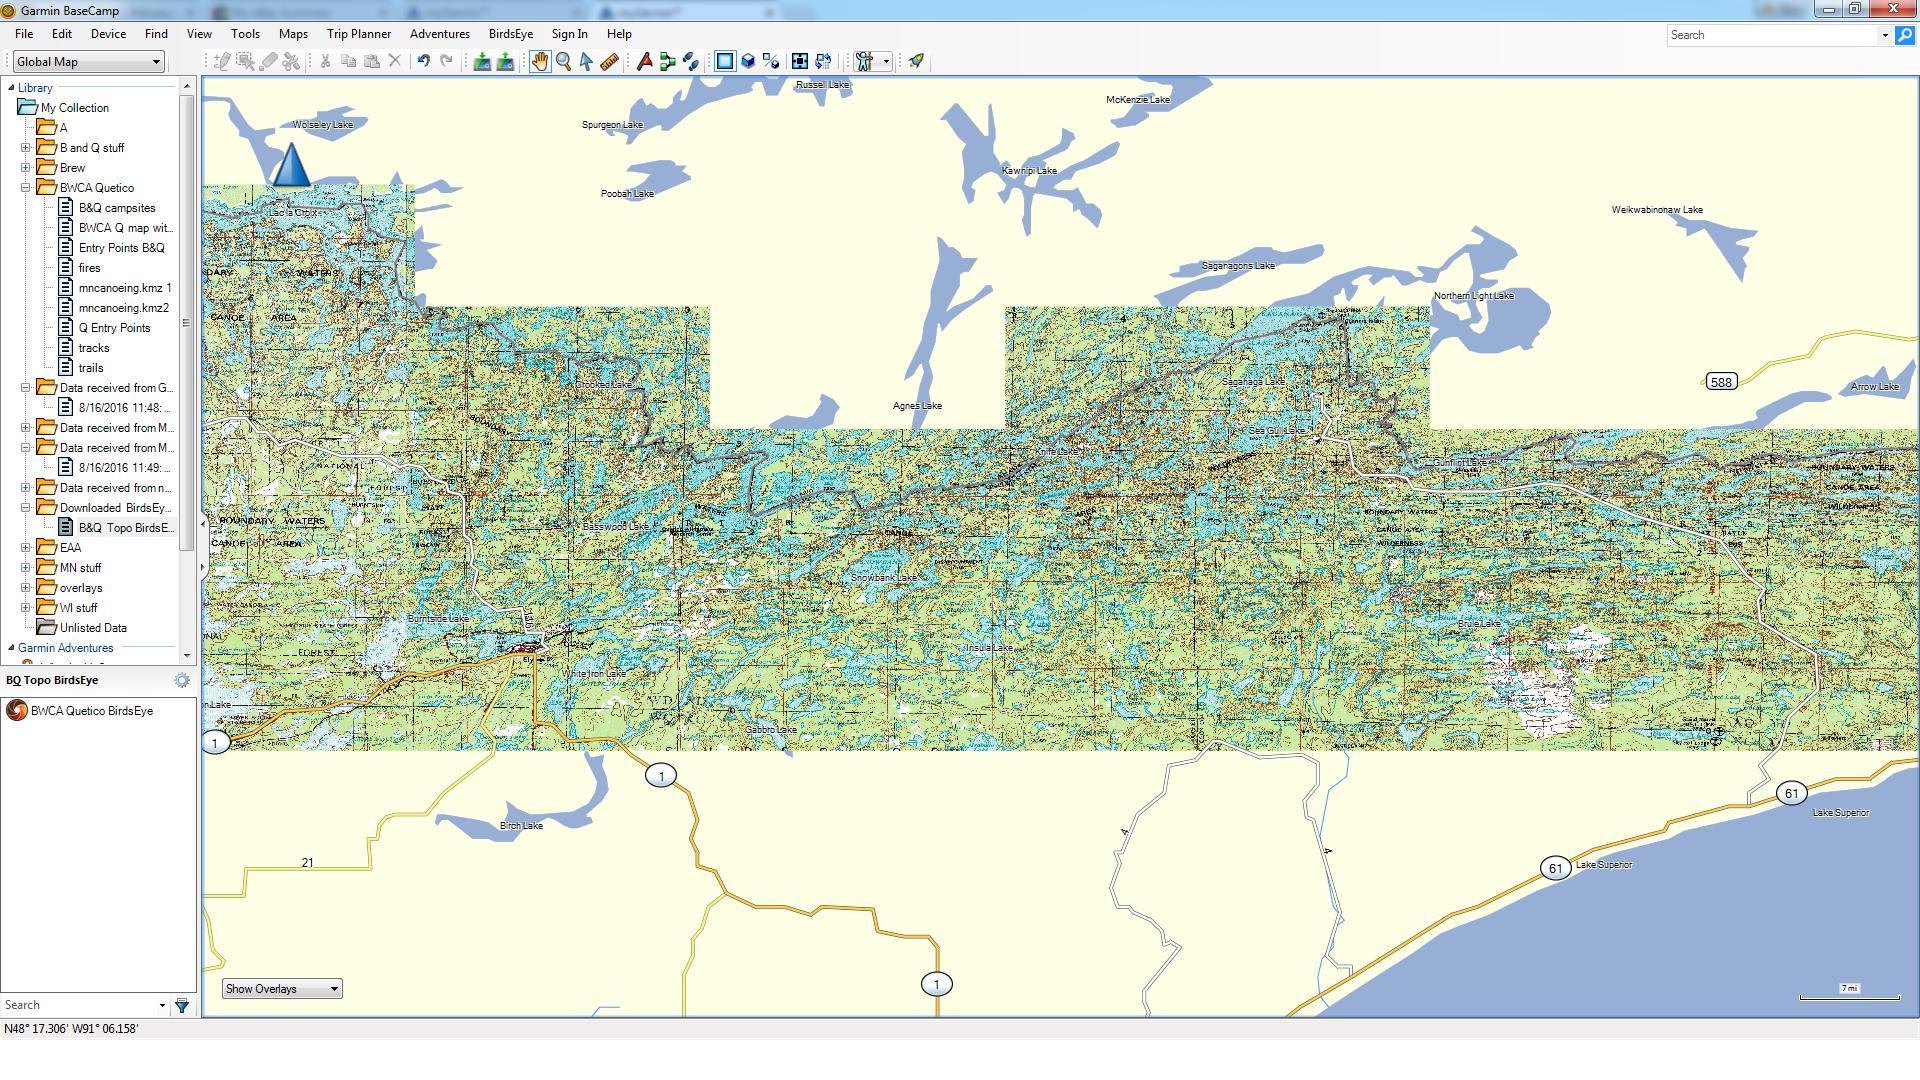 Bwca Birdseye Topo Maps Boundary Waters Group Forum Gps